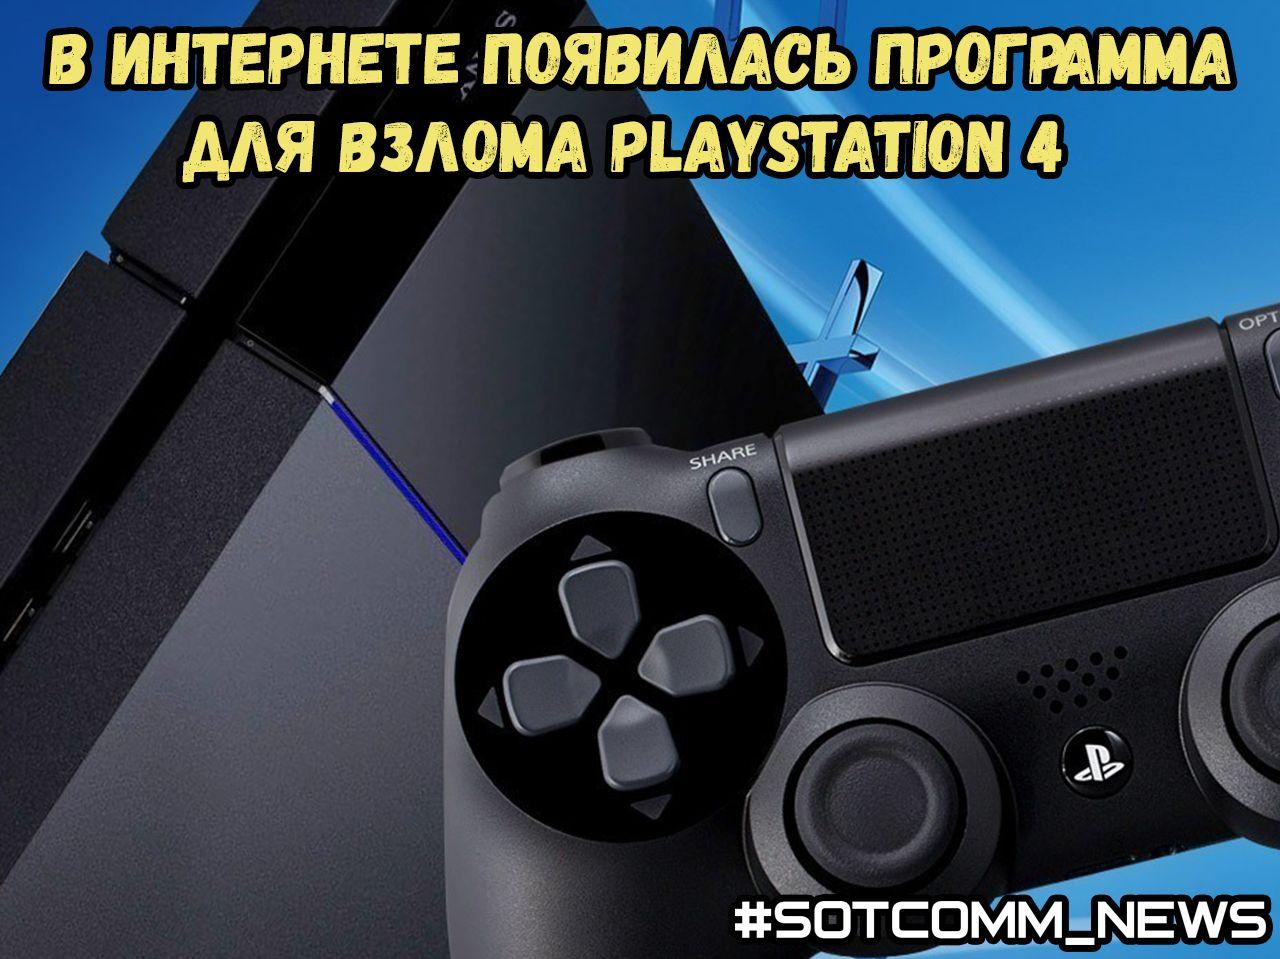 В интернете появилась программа для взлома PlayStation 4